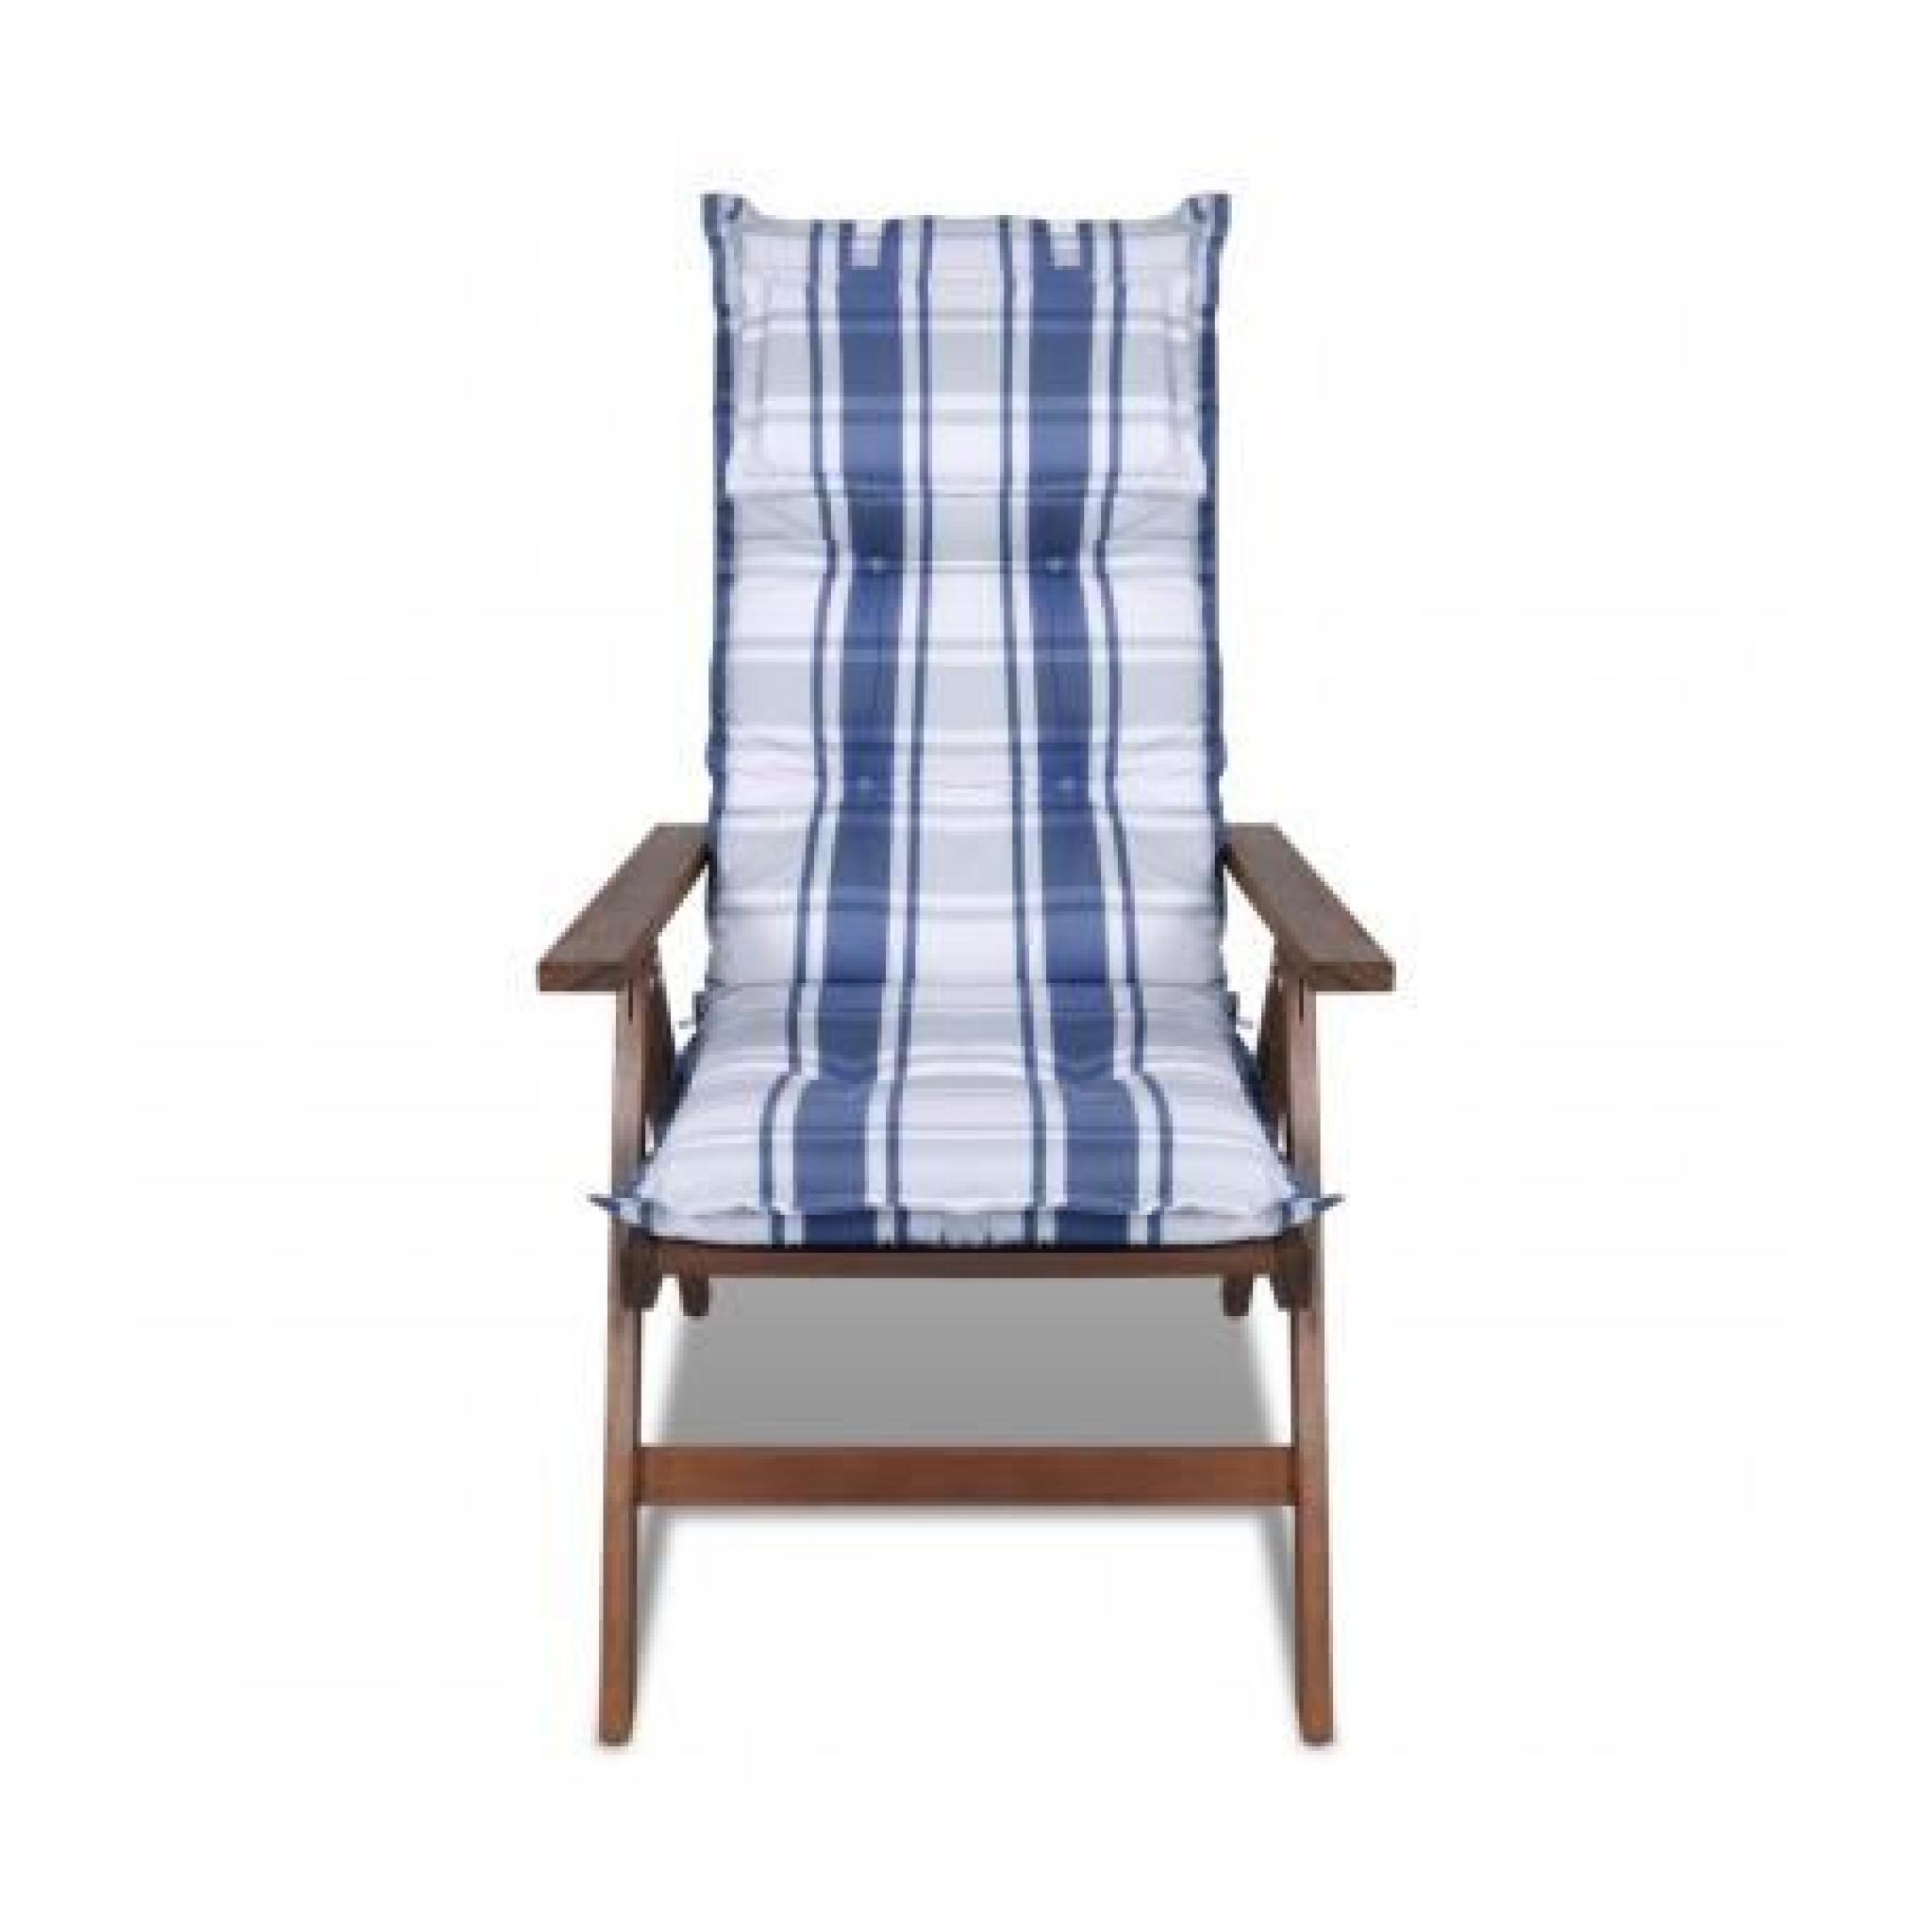 Coussin Pour Chaise De Jardin Bleu 8cm Depaiss Achat Vente